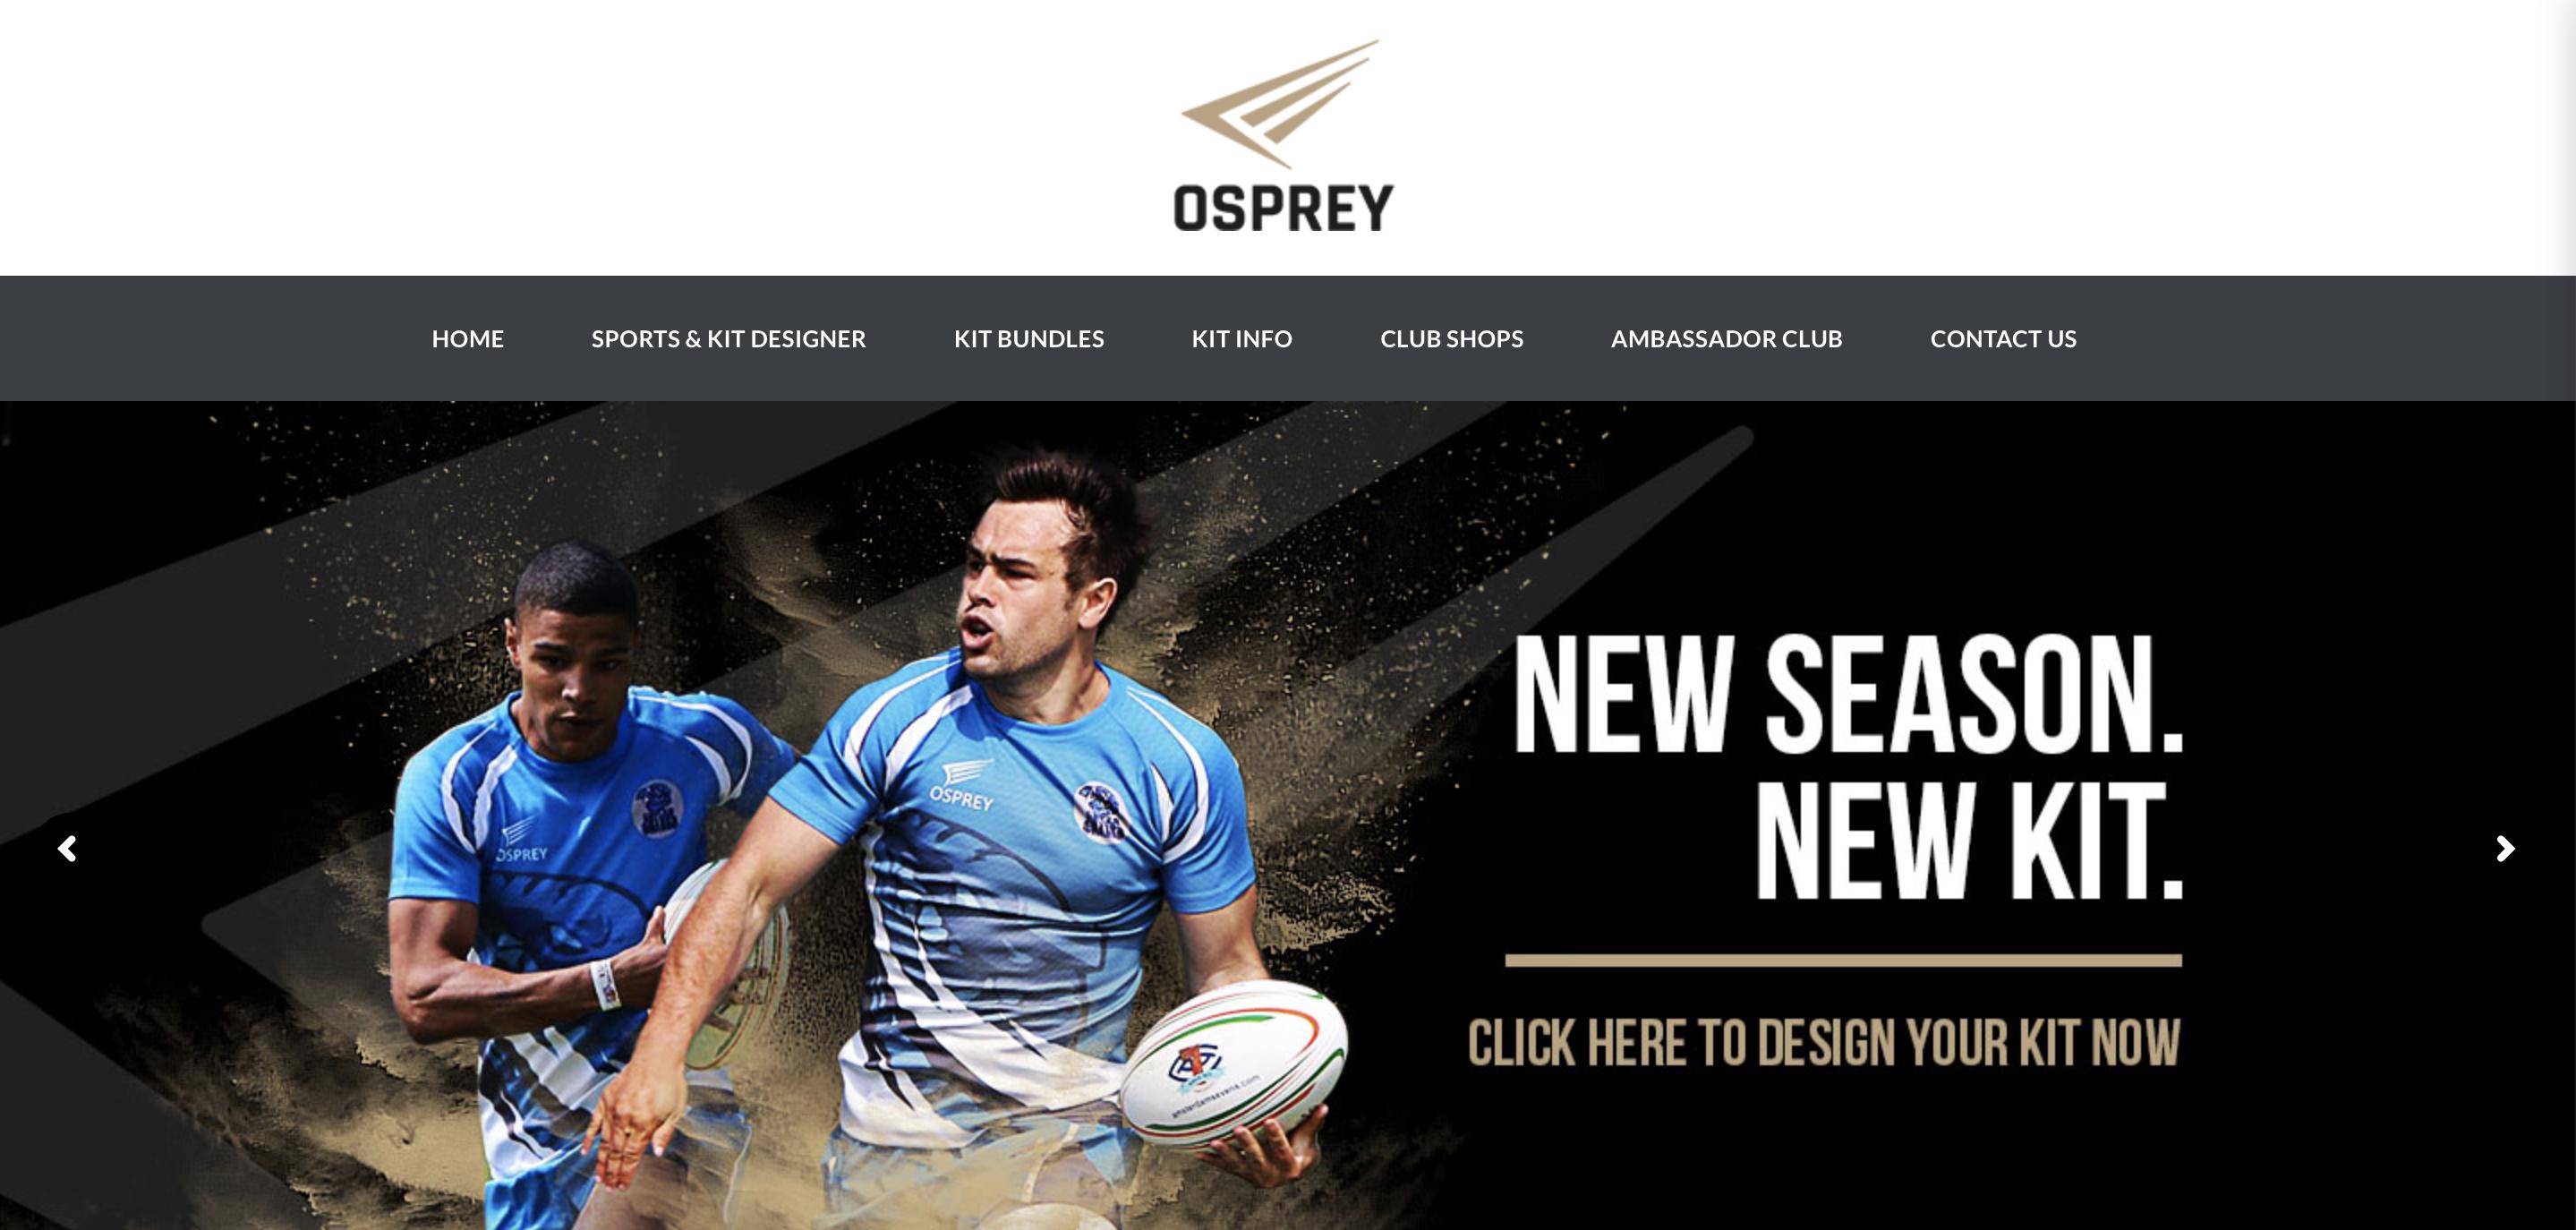 RAN - Osprey Sports